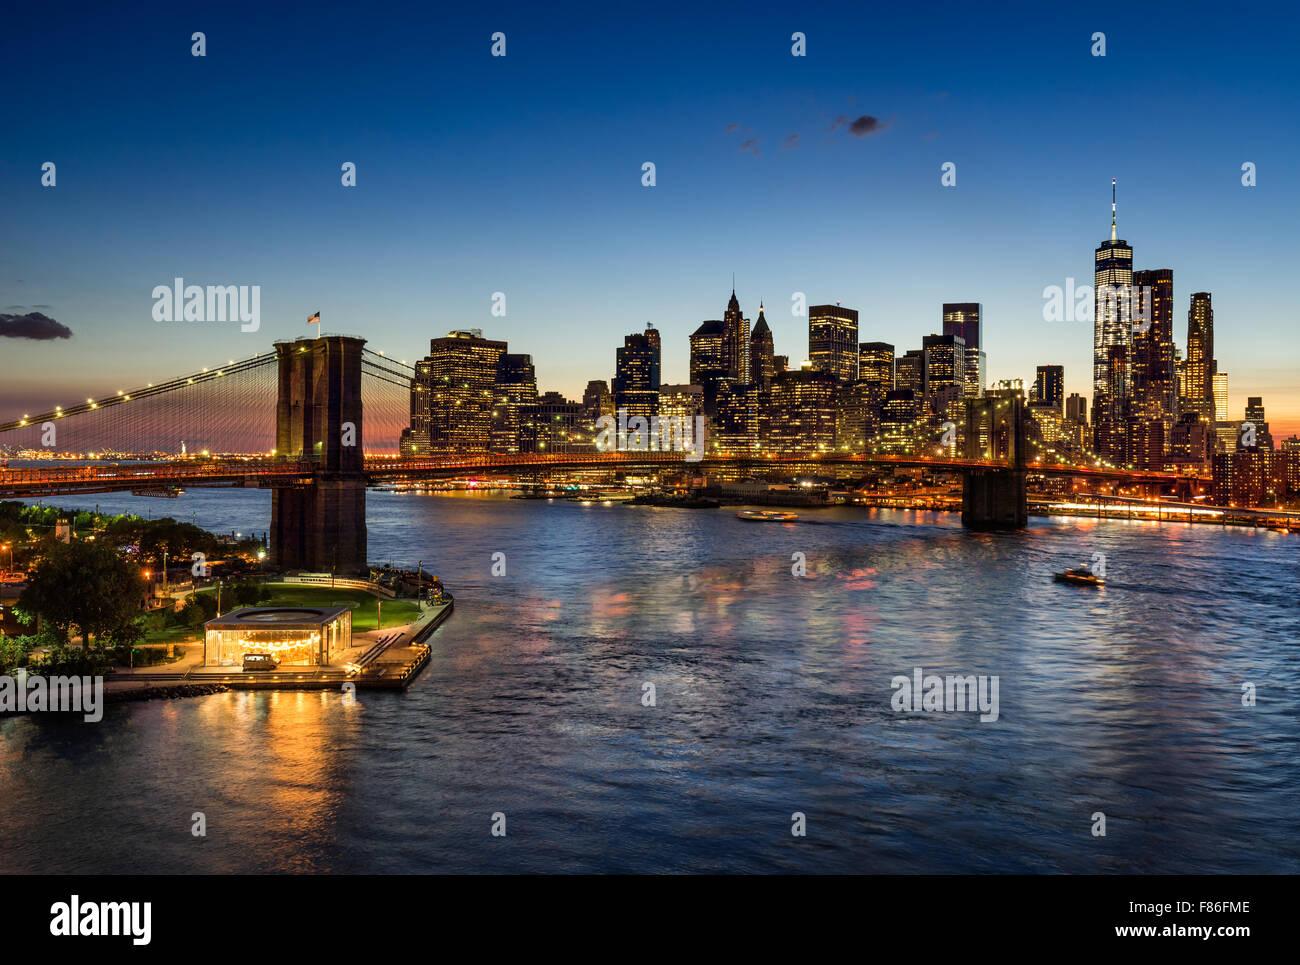 Brooklyn Bridge und beleuchtete Lower Manhattan in der Dämmerung. Financial District Wolkenkratzer reflektieren Stockbild